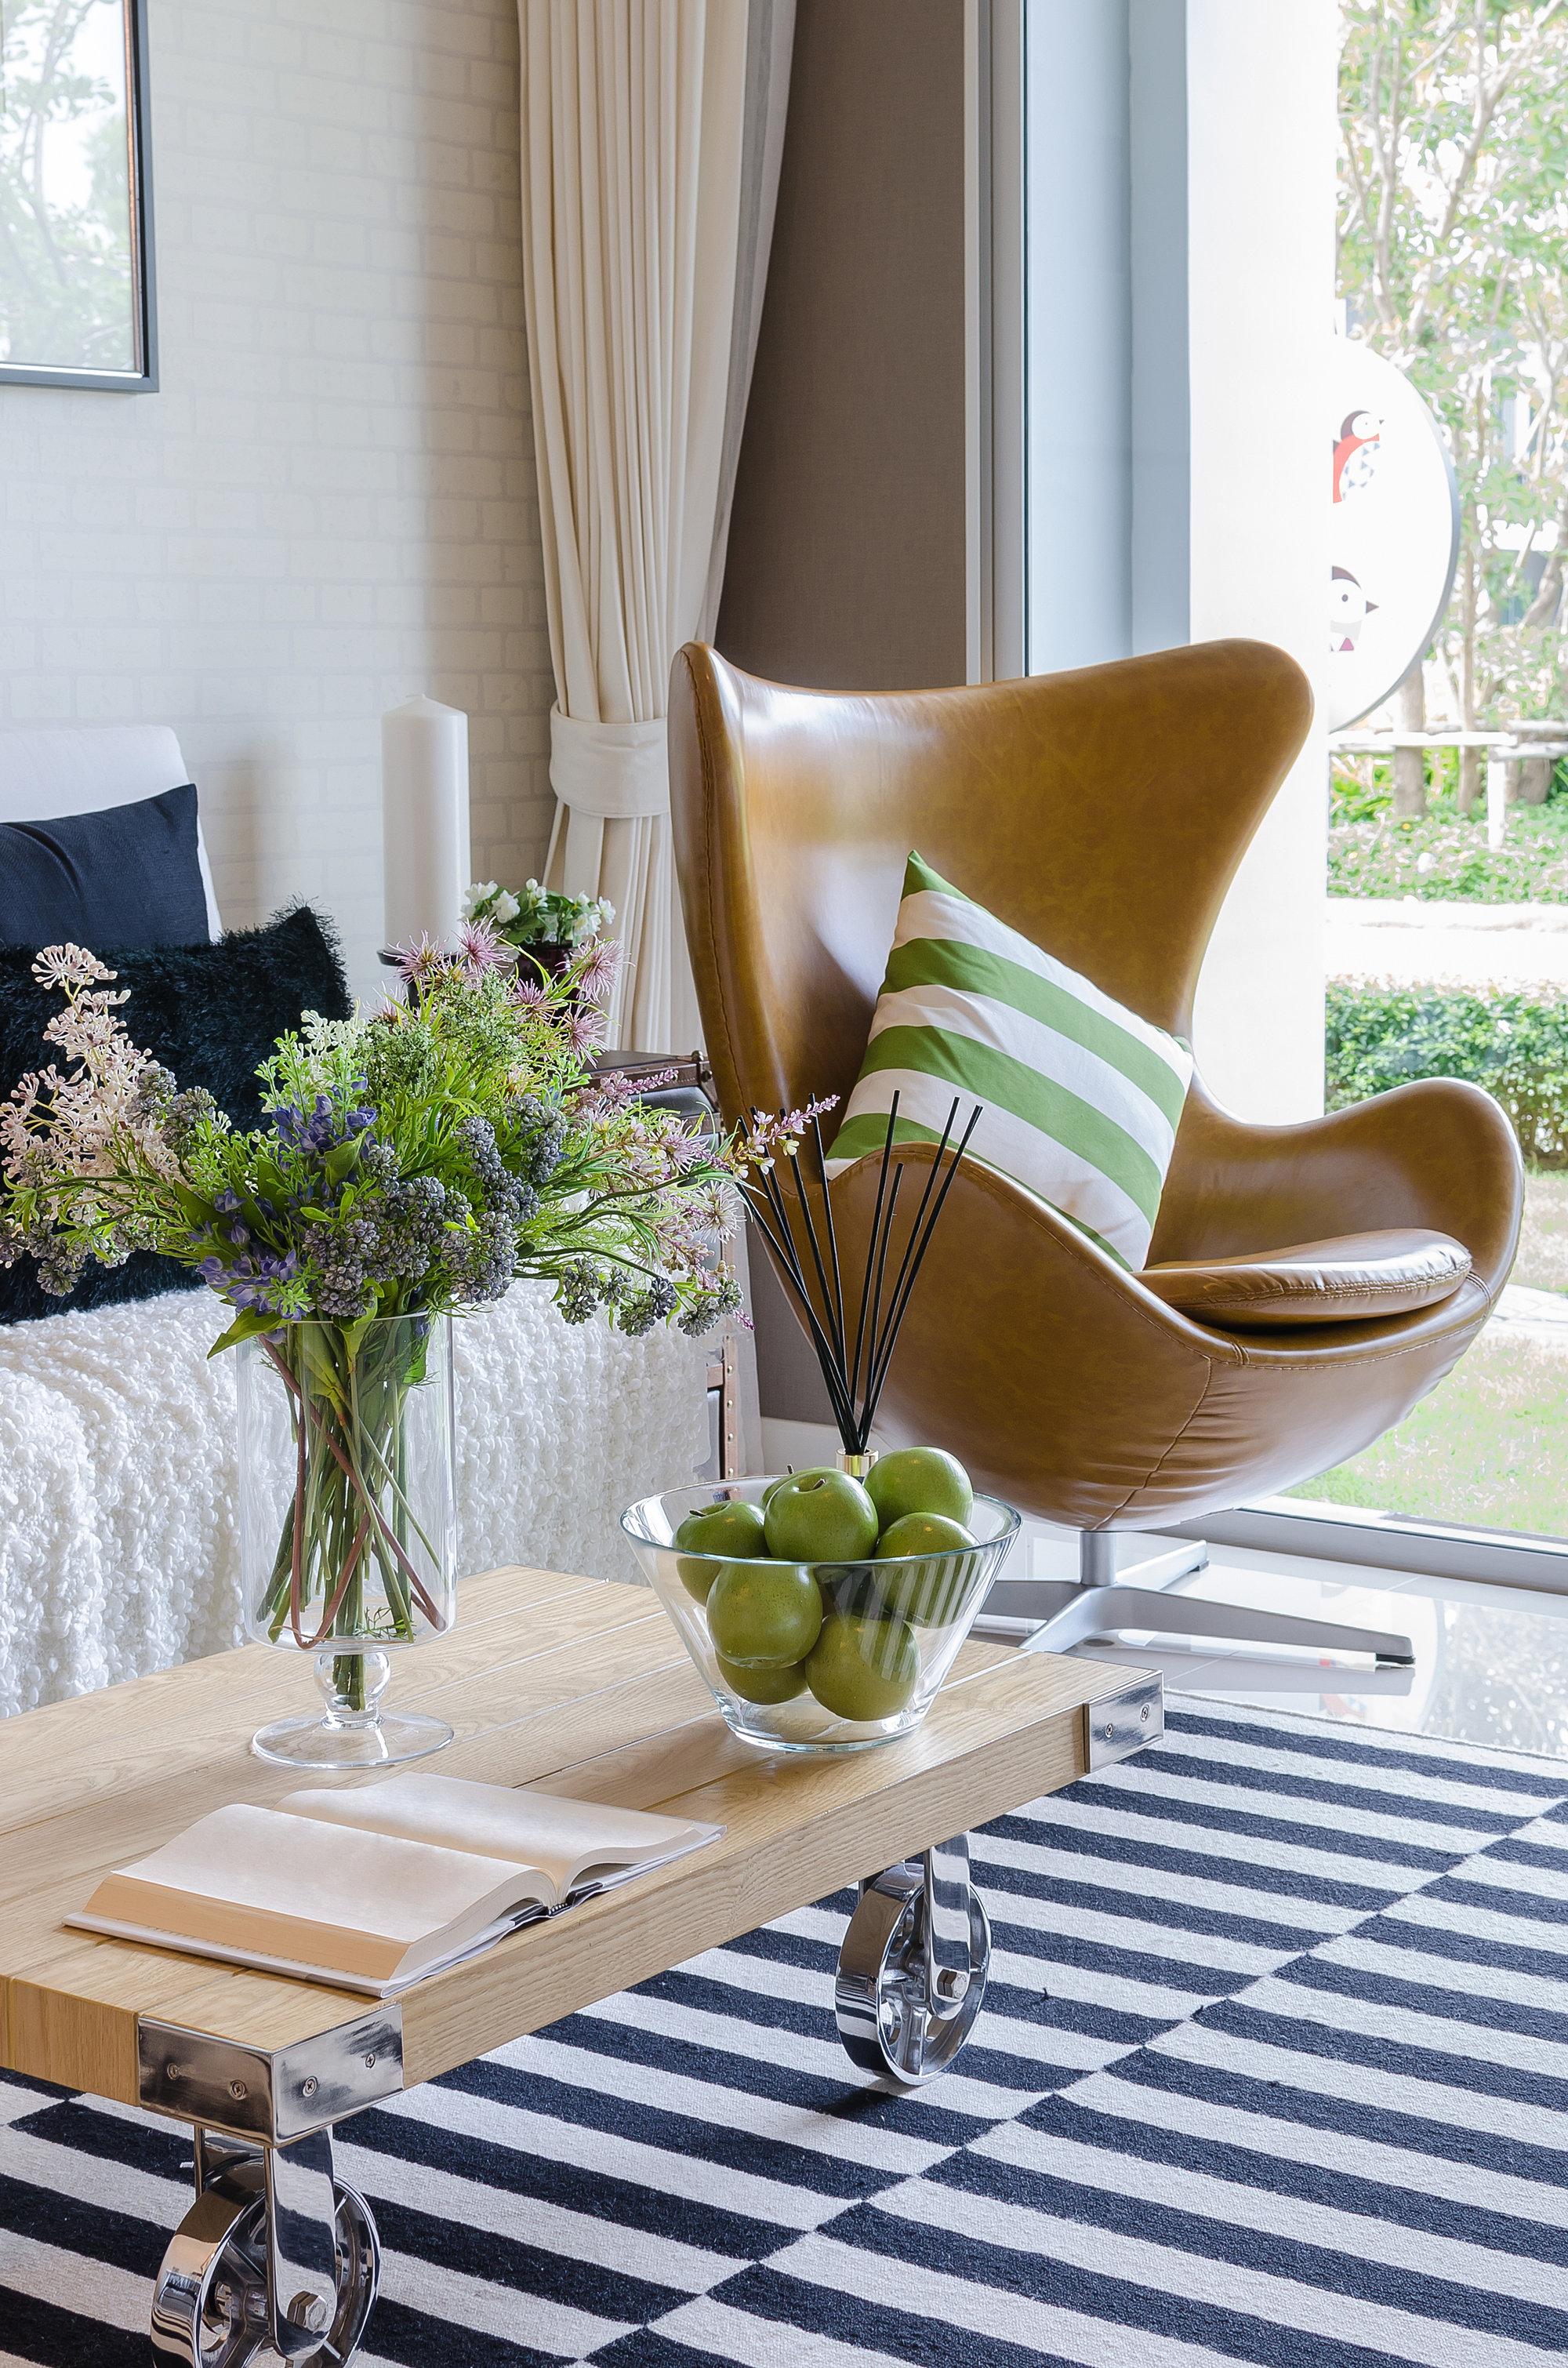 Immobilier renovation vente mobilier decoration sion for Vente decoration